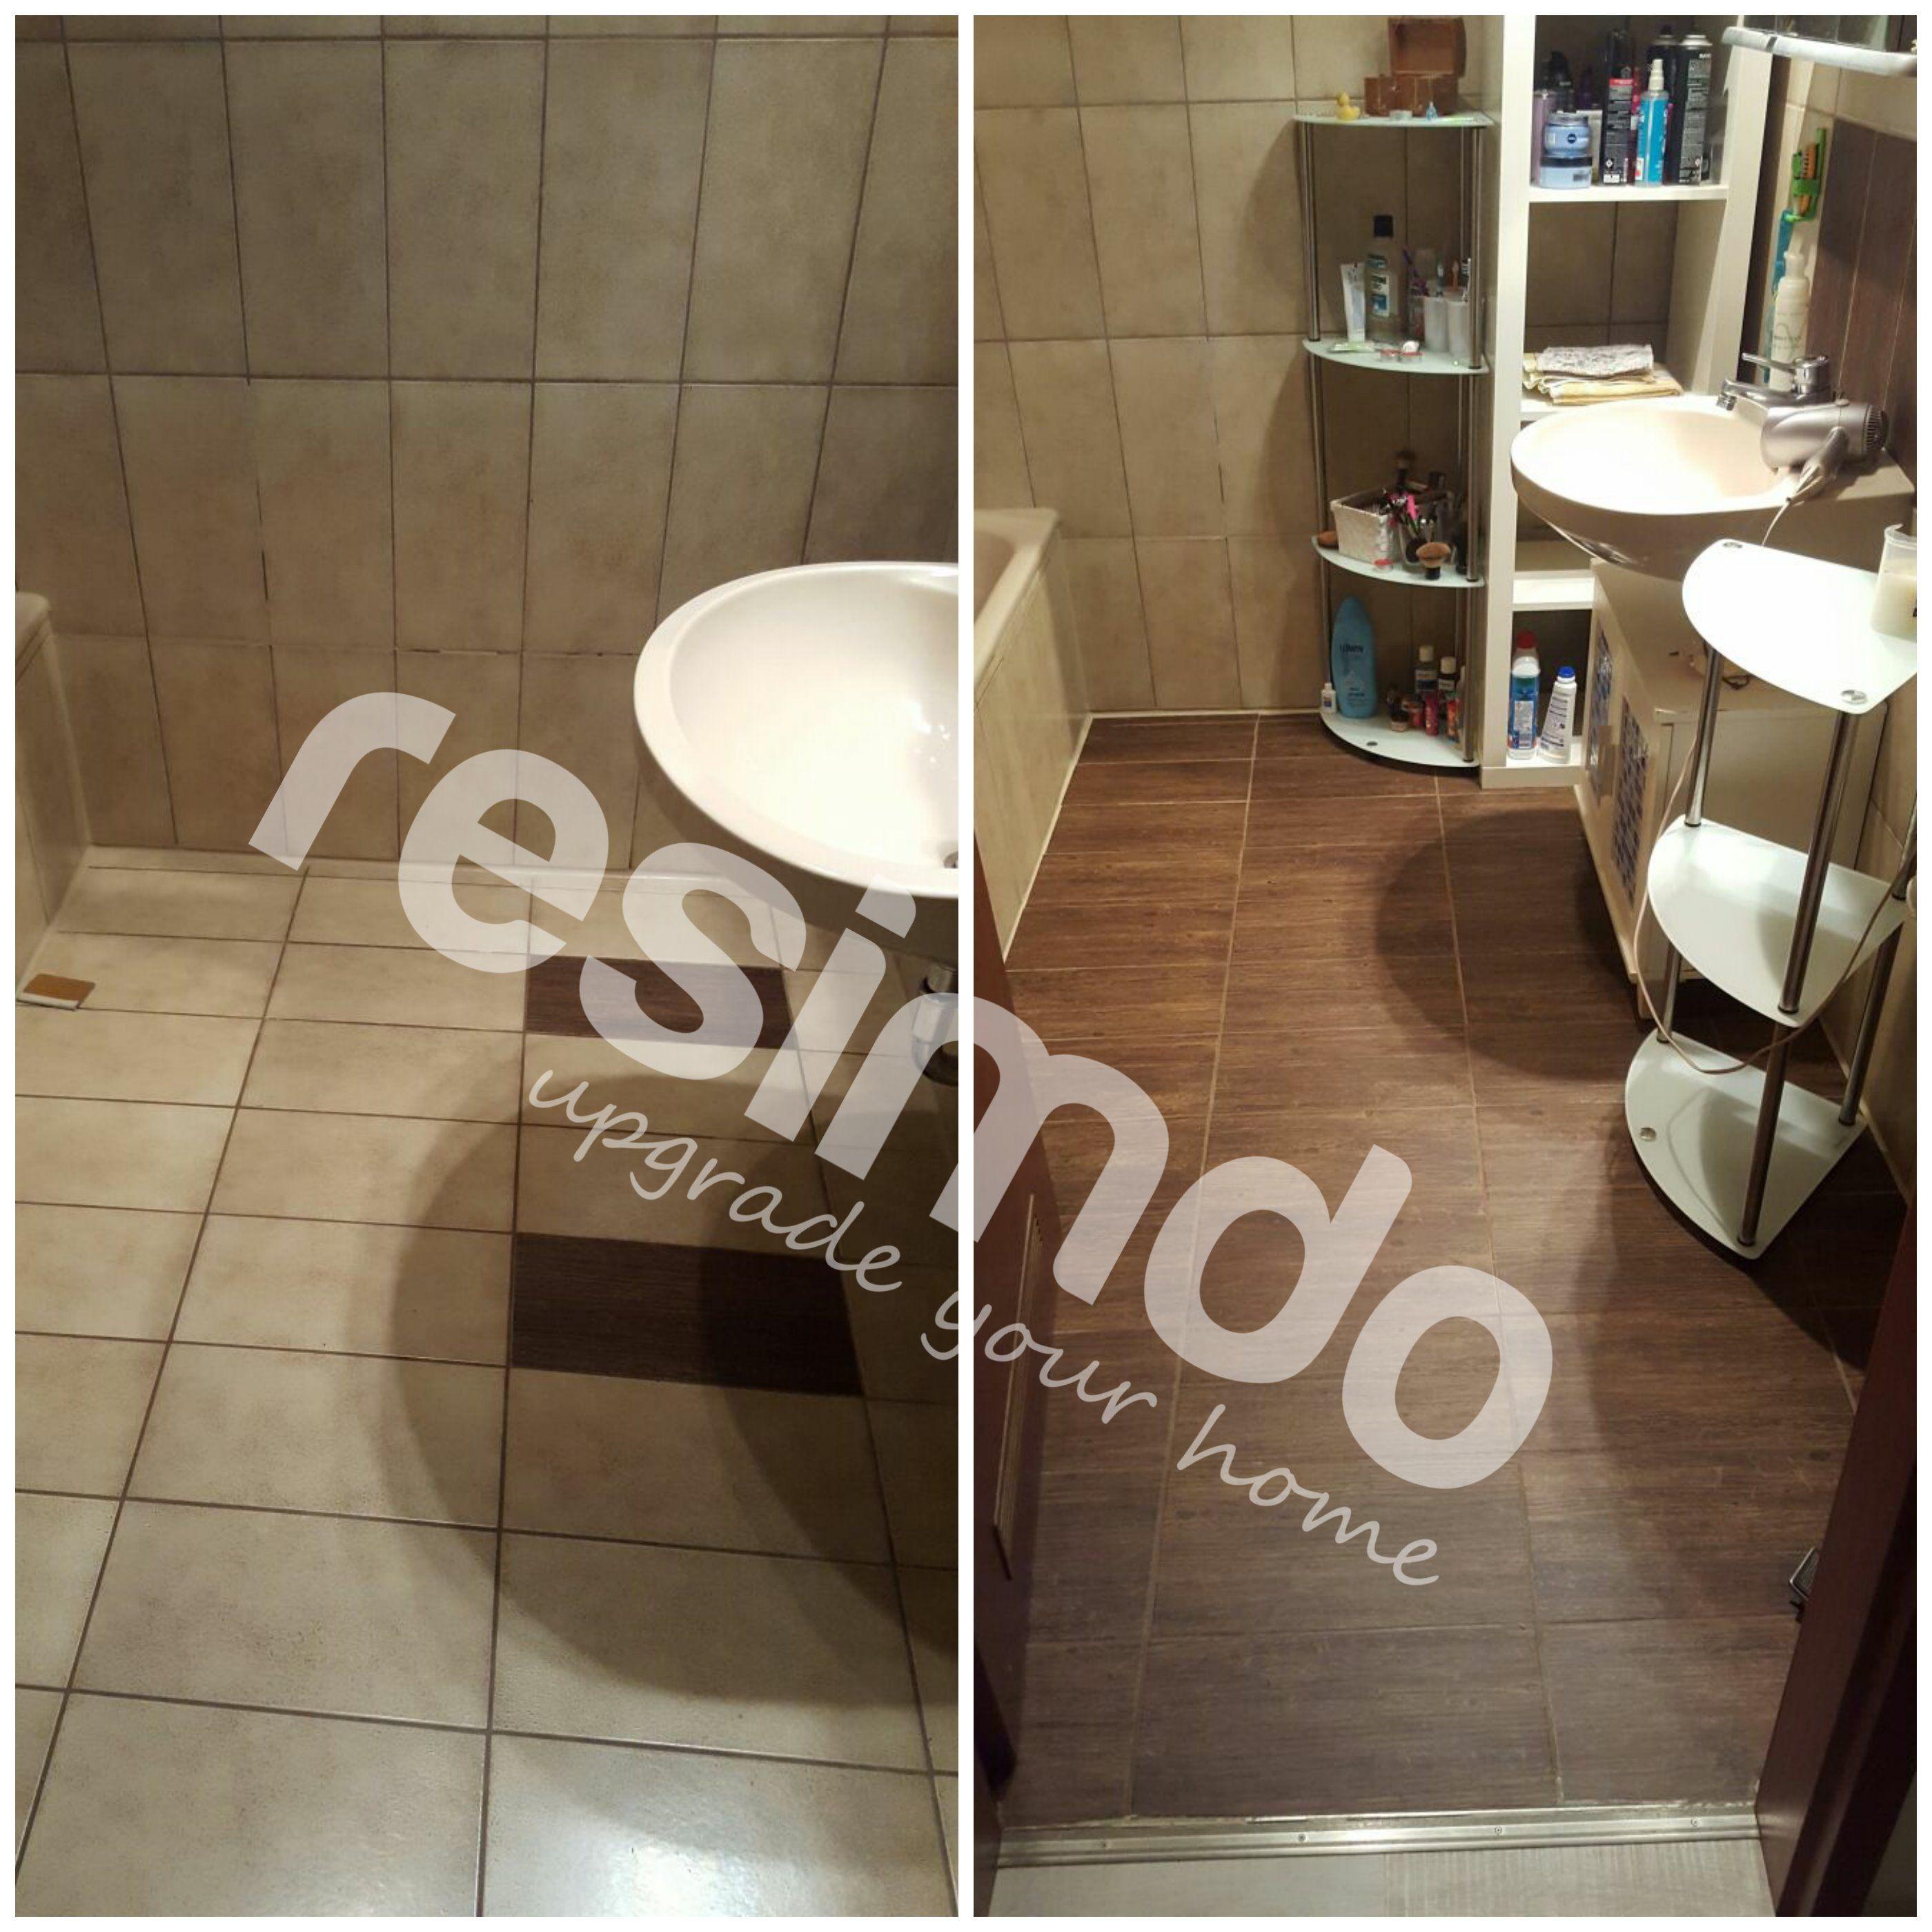 Badezimmerwanddekor über toilette resimdo resimdo on pinterest